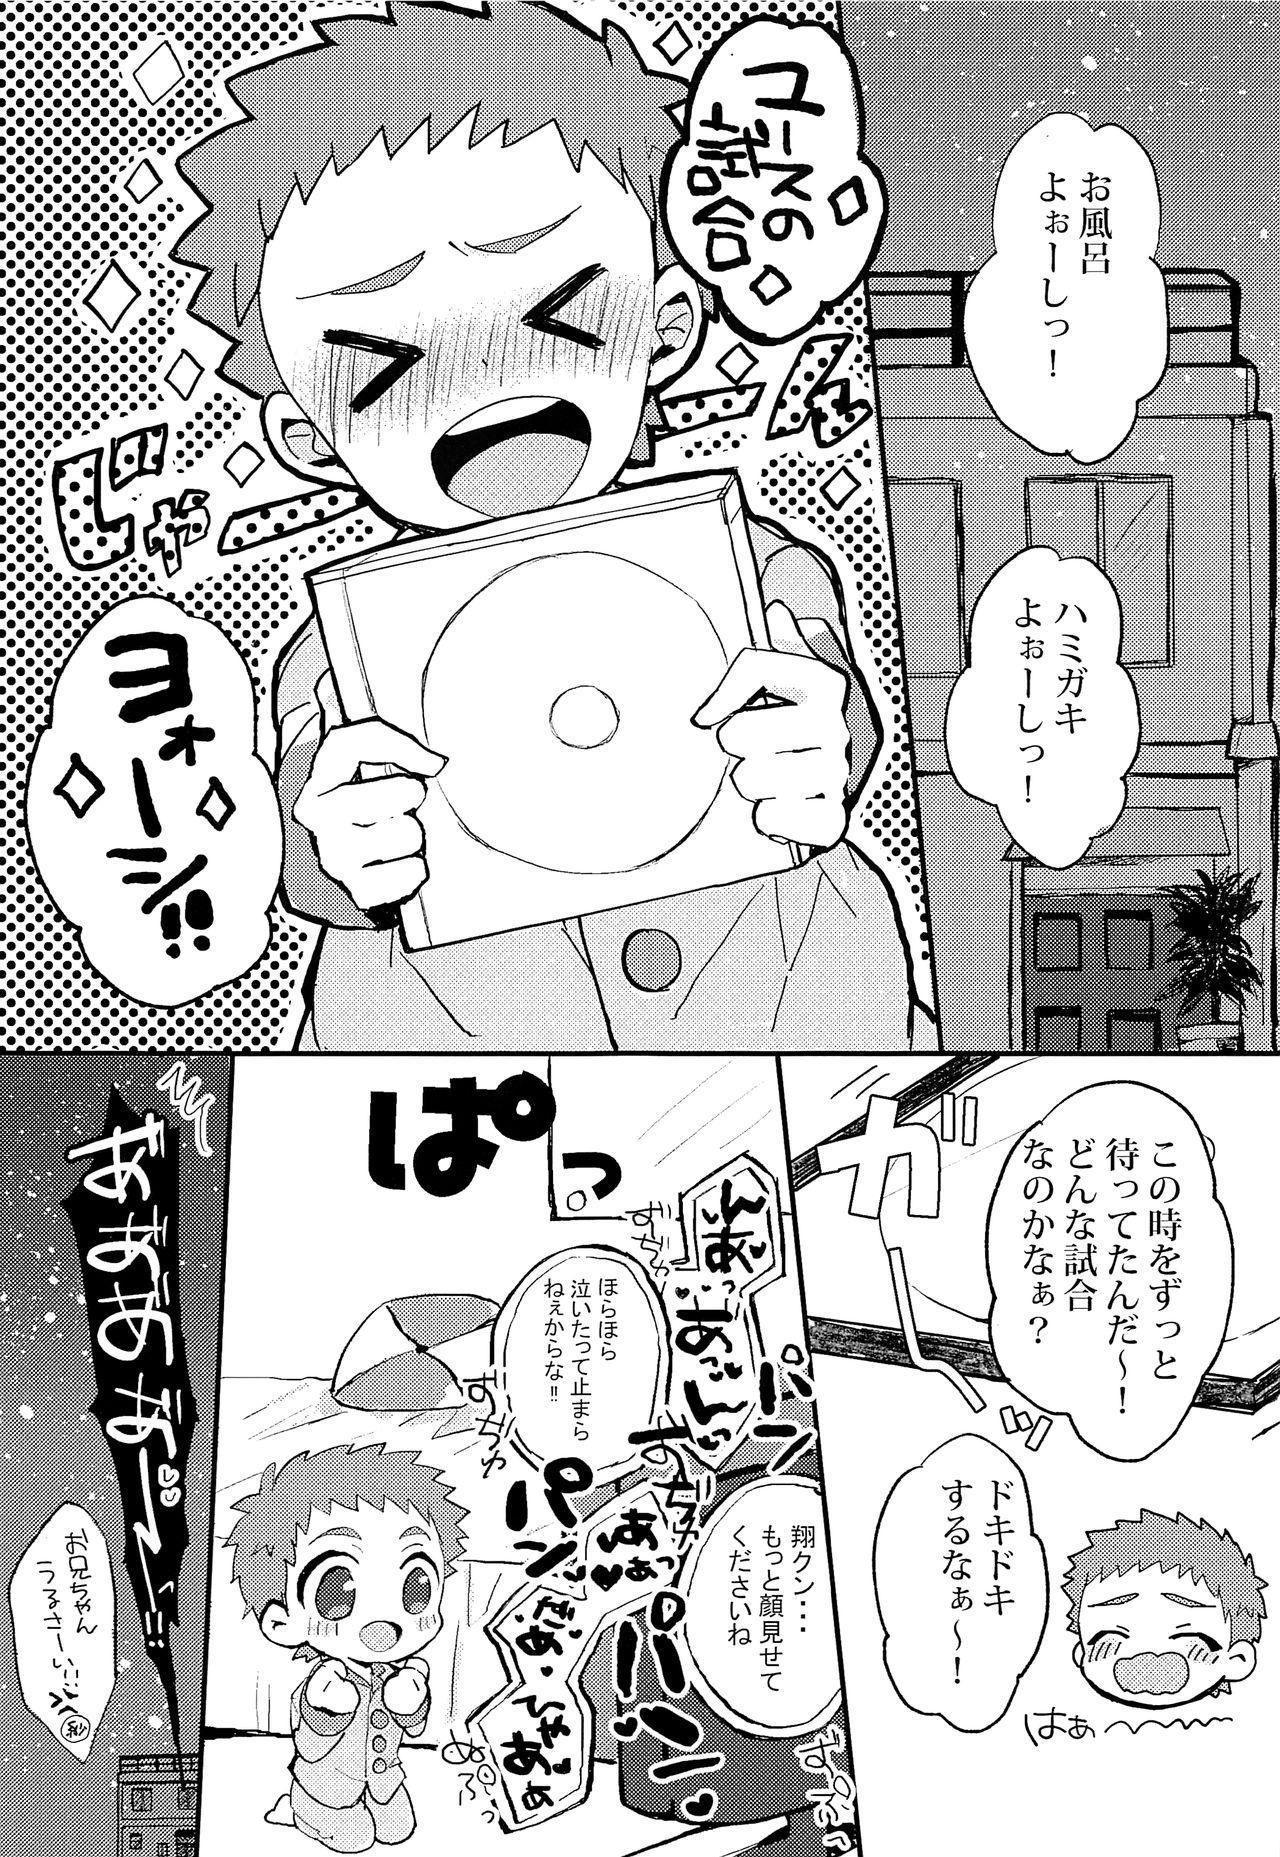 Himitsu no daisuki 5